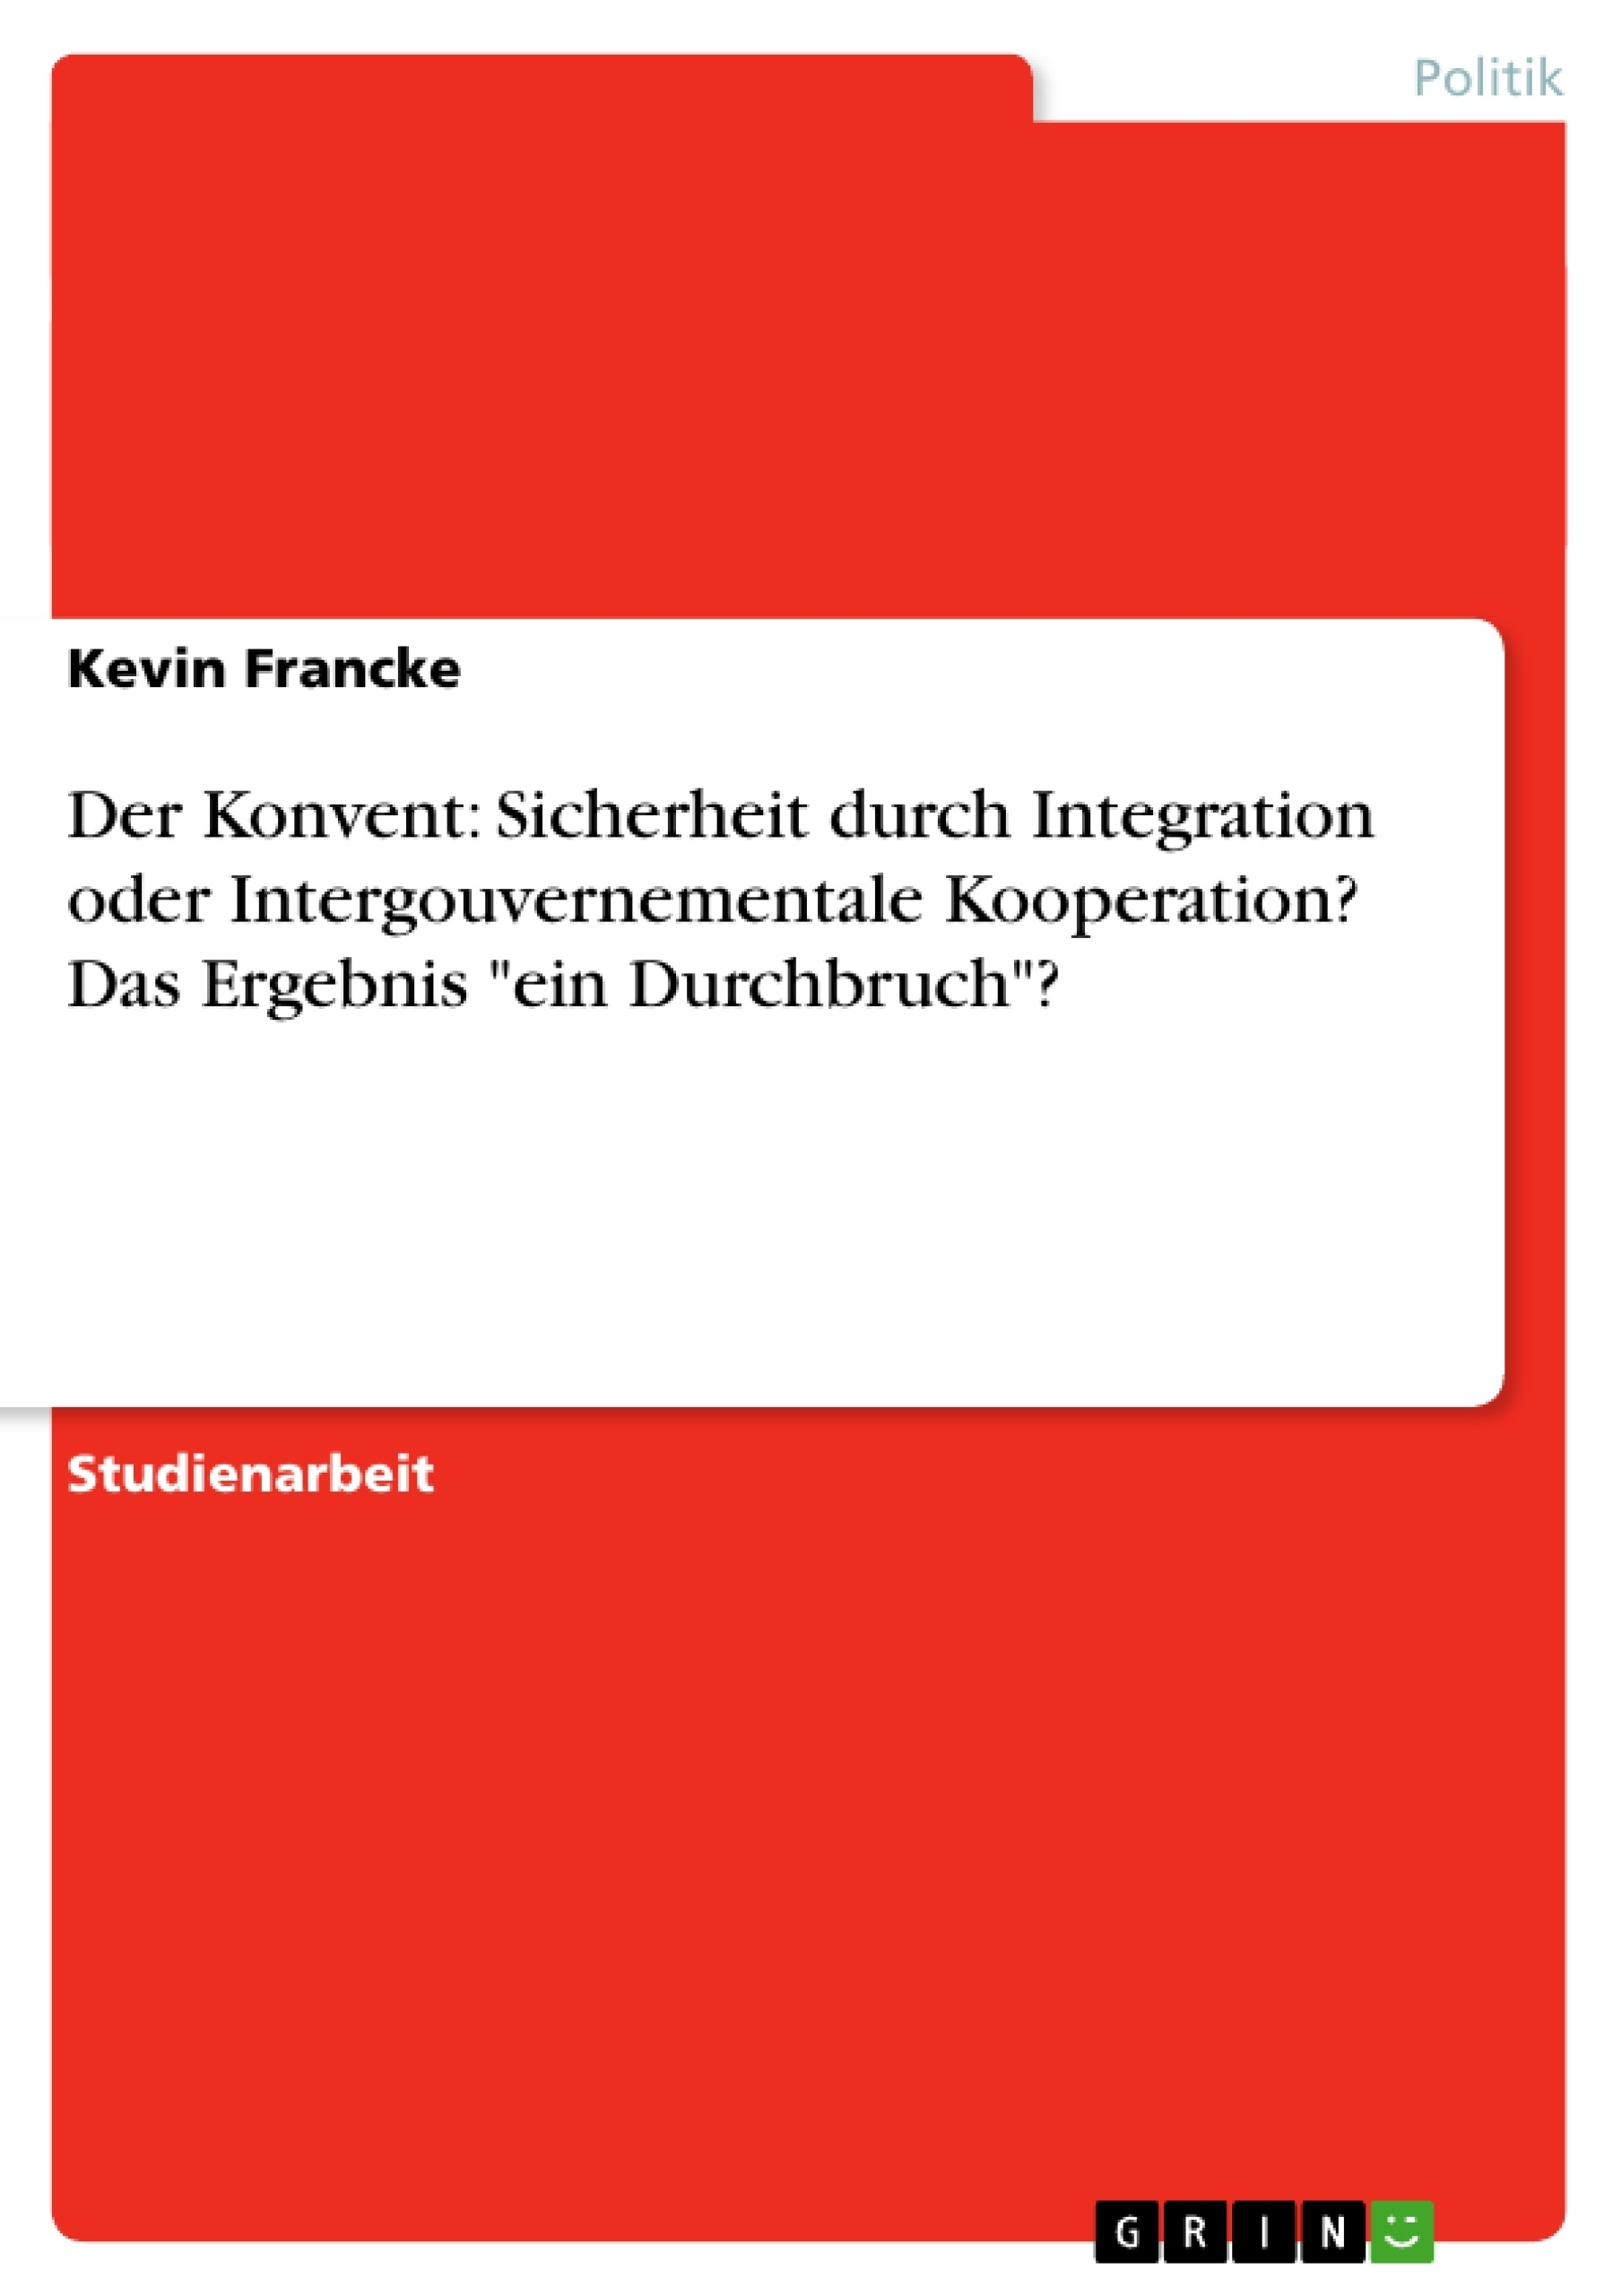 """Titel: Der Konvent: Sicherheit durch Integration oder Intergouvernementale Kooperation? Das Ergebnis """"ein Durchbruch""""?"""